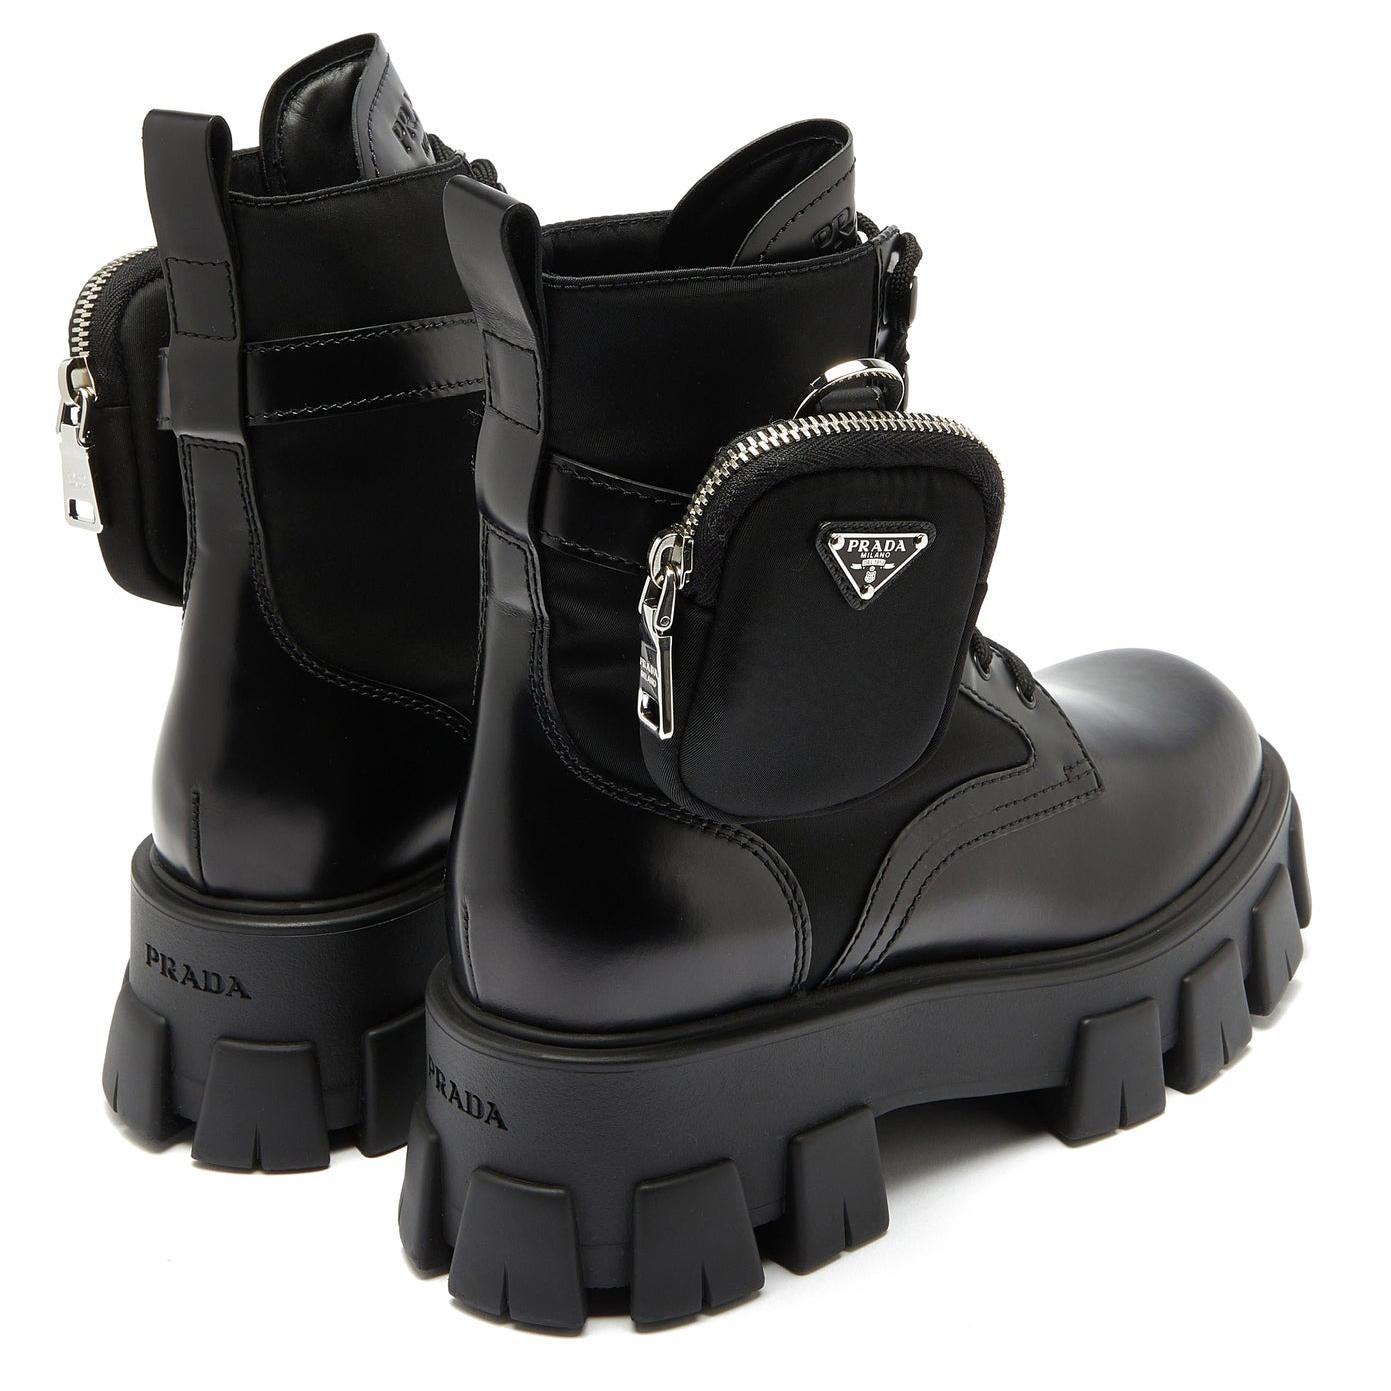 Prada Detachable-pouch Combat Boots Black